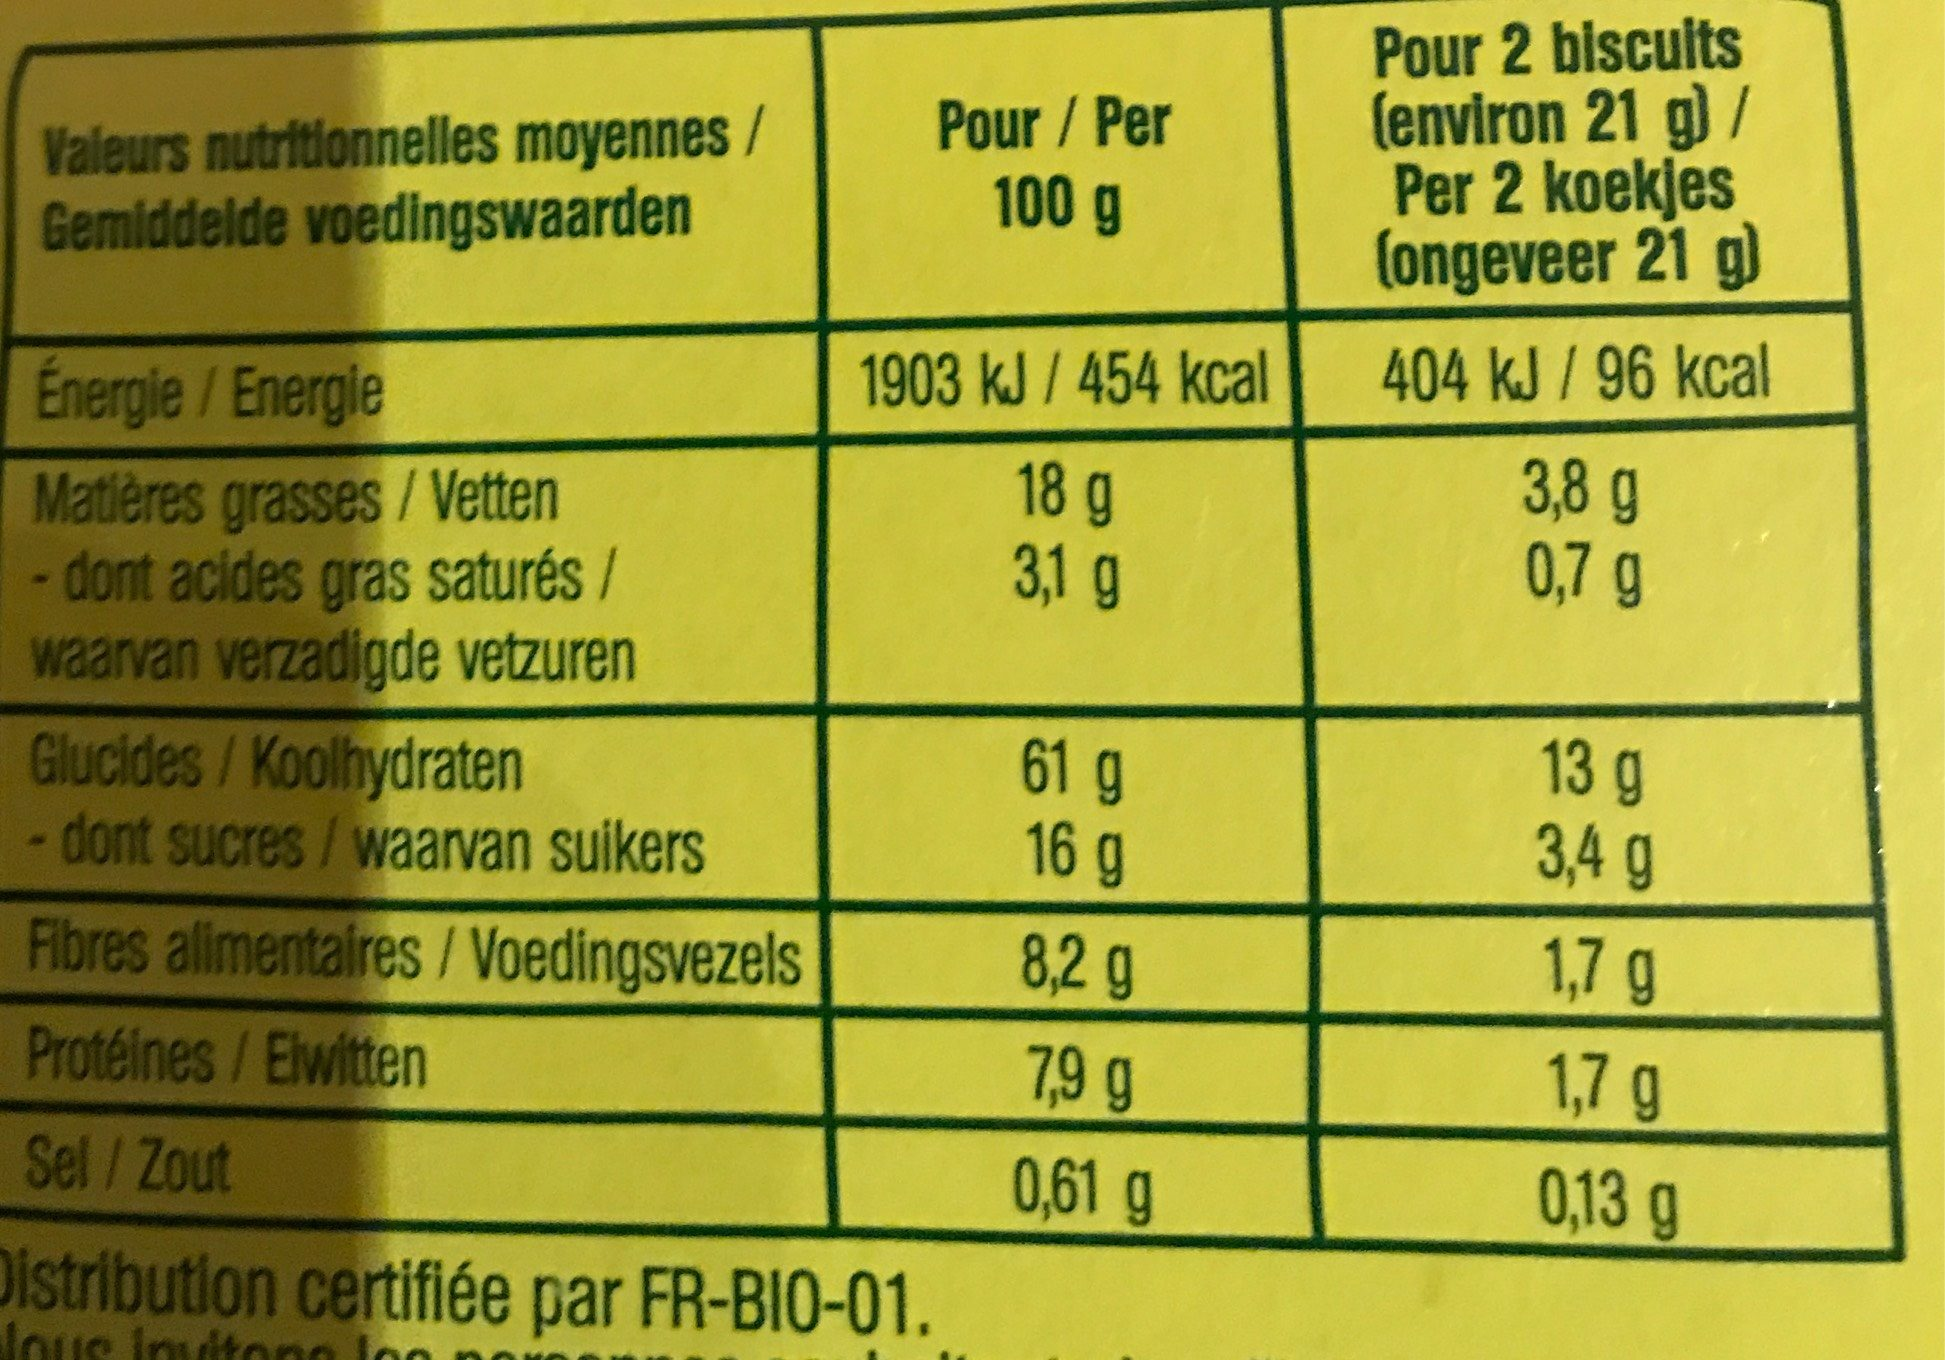 Croquants Avoine Chocolat - Voedingswaarden - fr